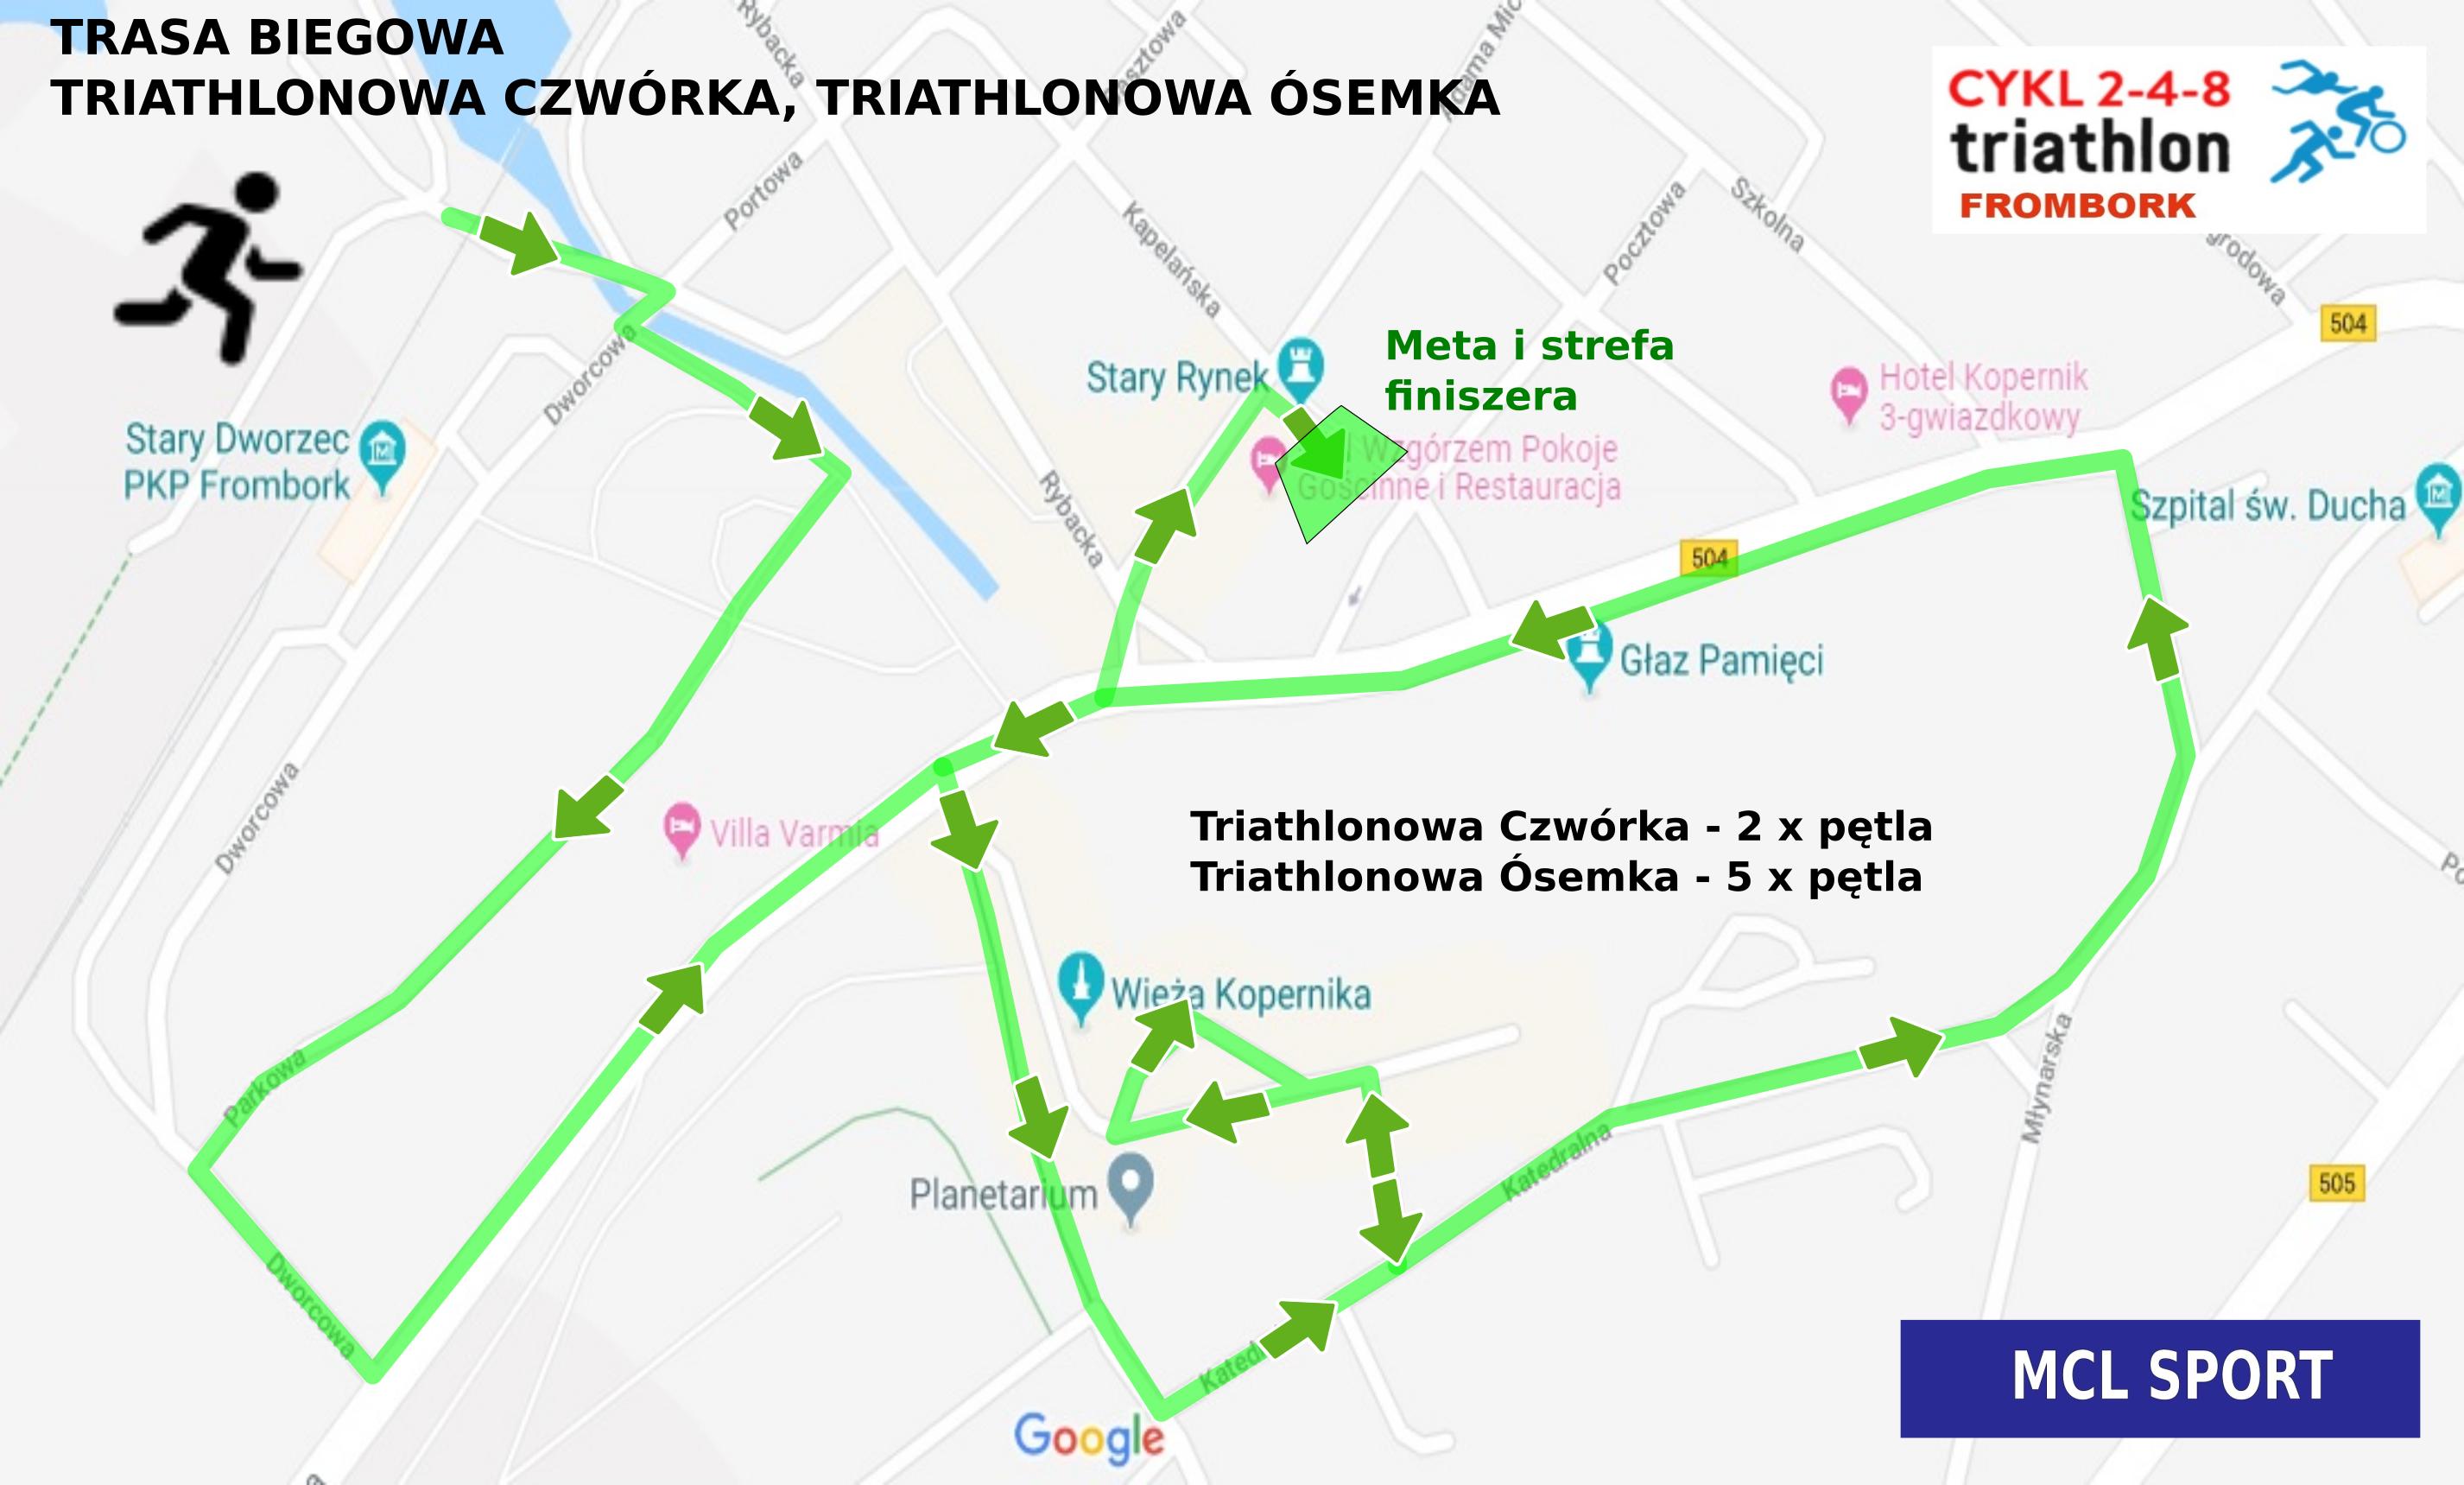 http://m.wm.pl/2019/08/orig/trasa-biegowa-czworka-osemka-jqmoacyl-571544.jpg